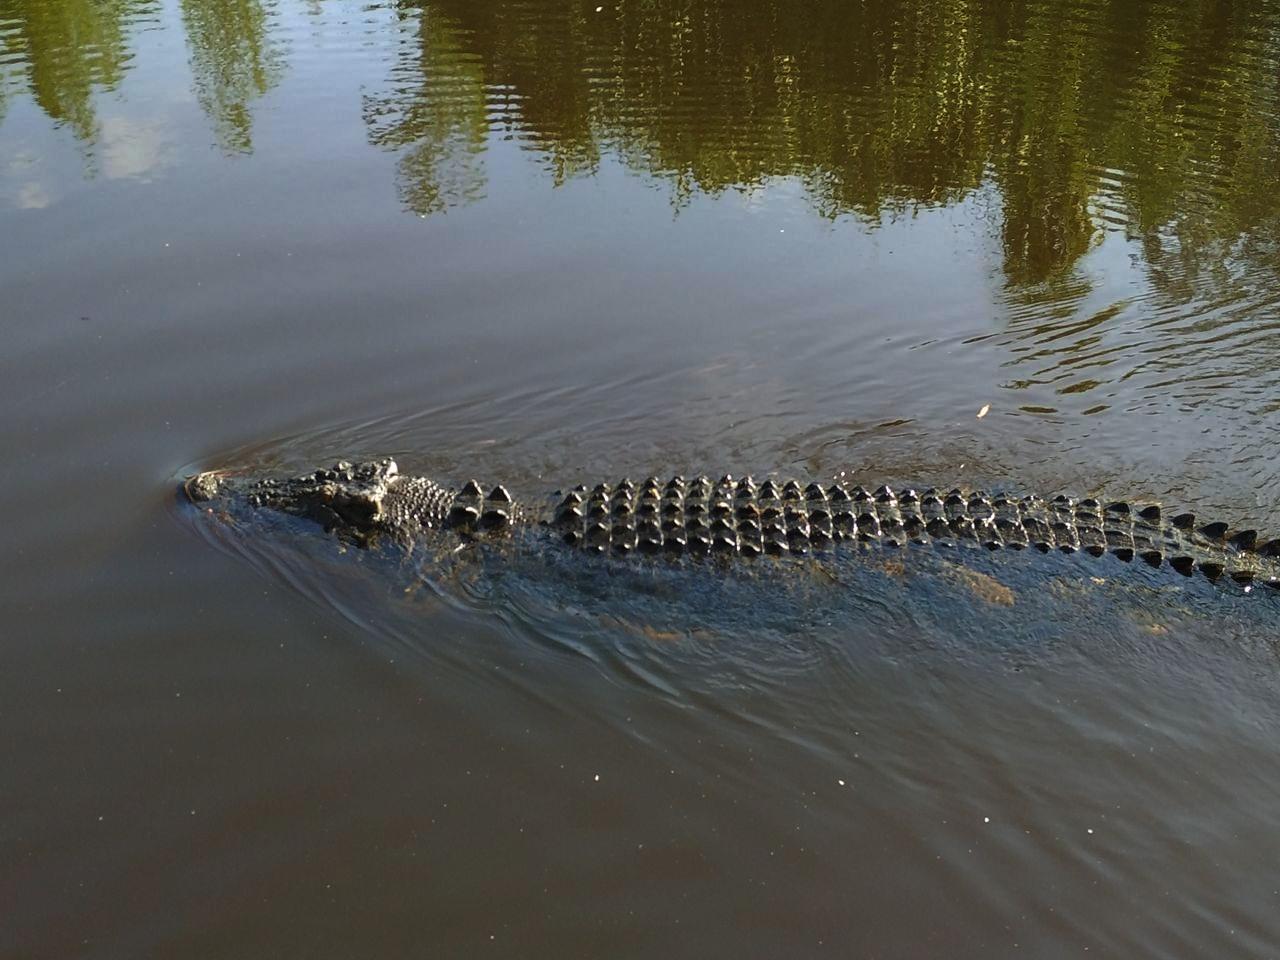 Los cocodrilos de agua salada pueden medir hasta 6 metros de longitud.